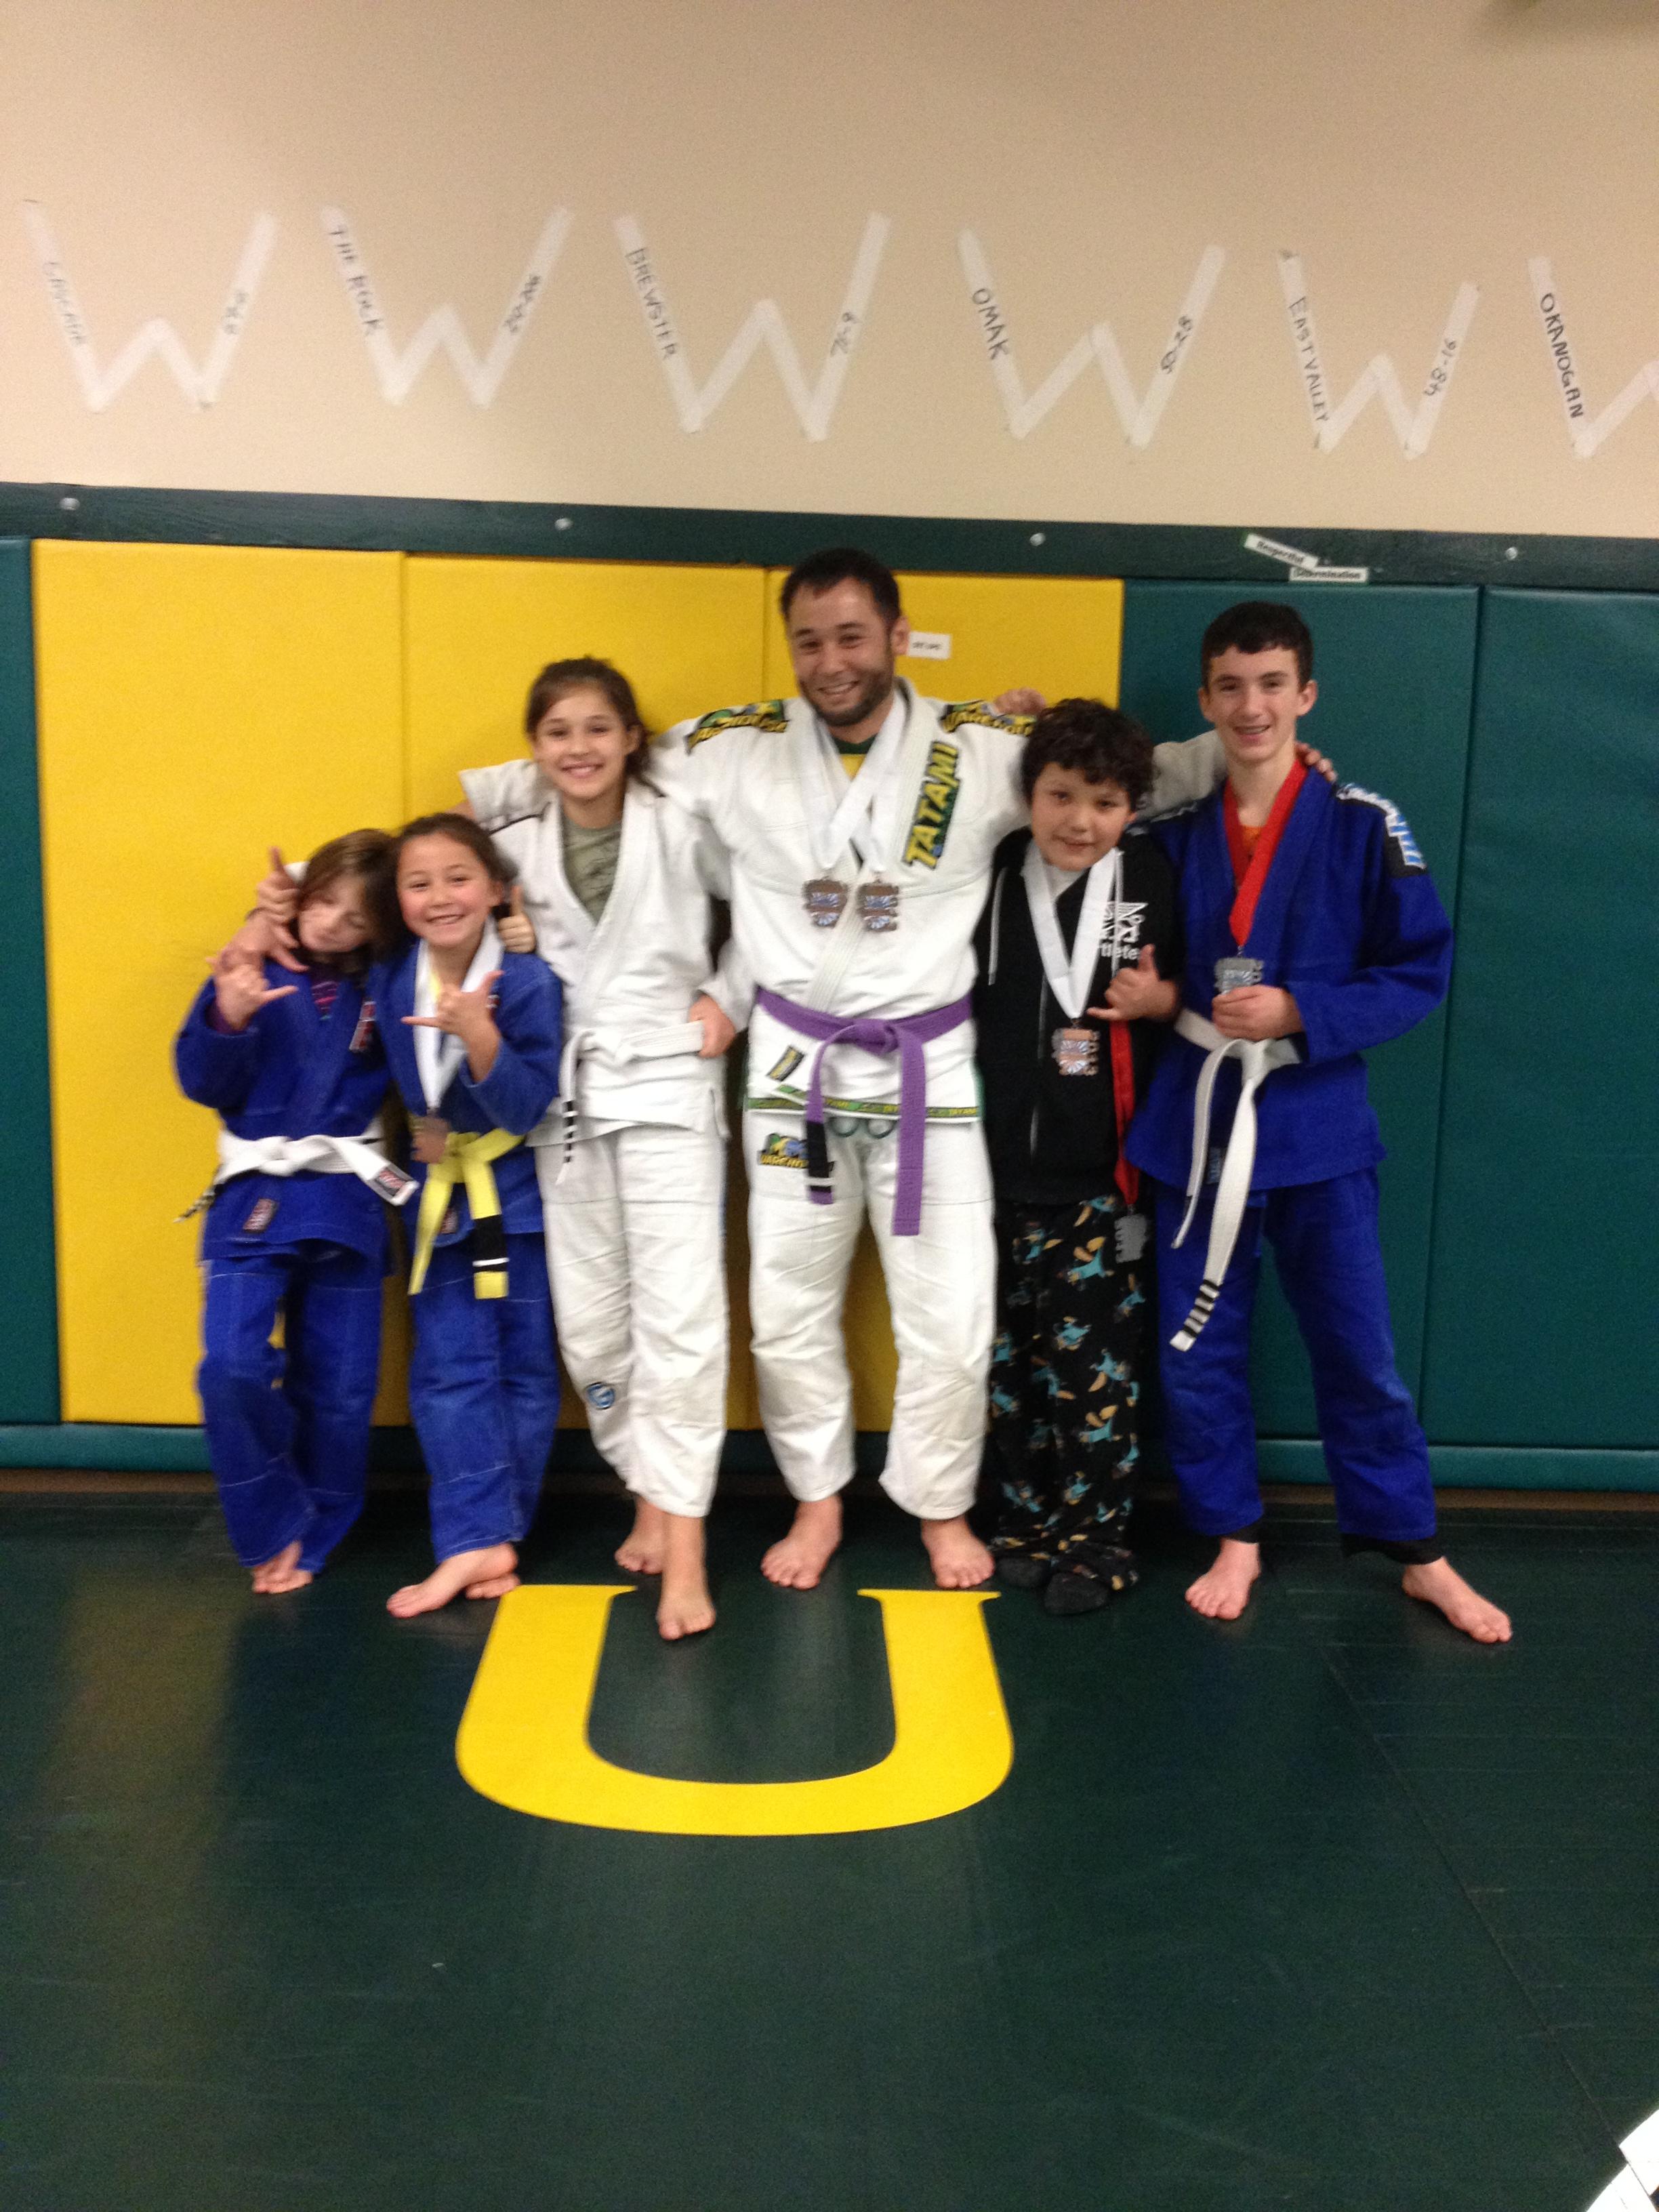 Congratulations to Quincy Brazilian Jiu-Jitsu students getting a promotion on 11.11.2013